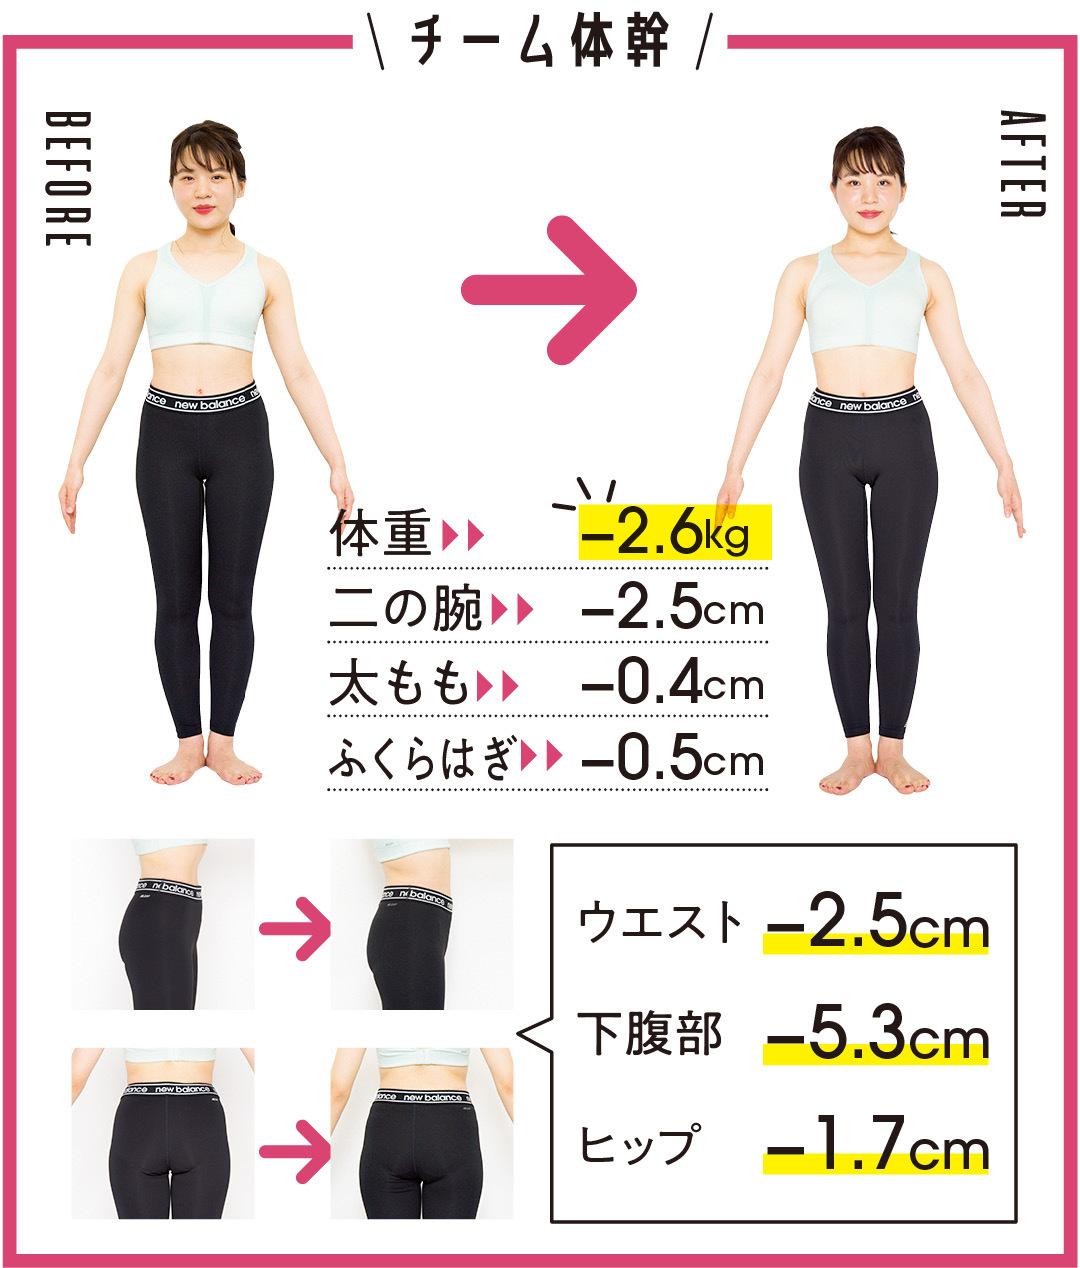 チーム体幹 体重-2.6kg 二の腕-2.5cm 太もも-0.4cm ふくらはぎ-0.5cm ウエスト-2.5cm 下腹部-5.3cm ヒップ-1.7cm